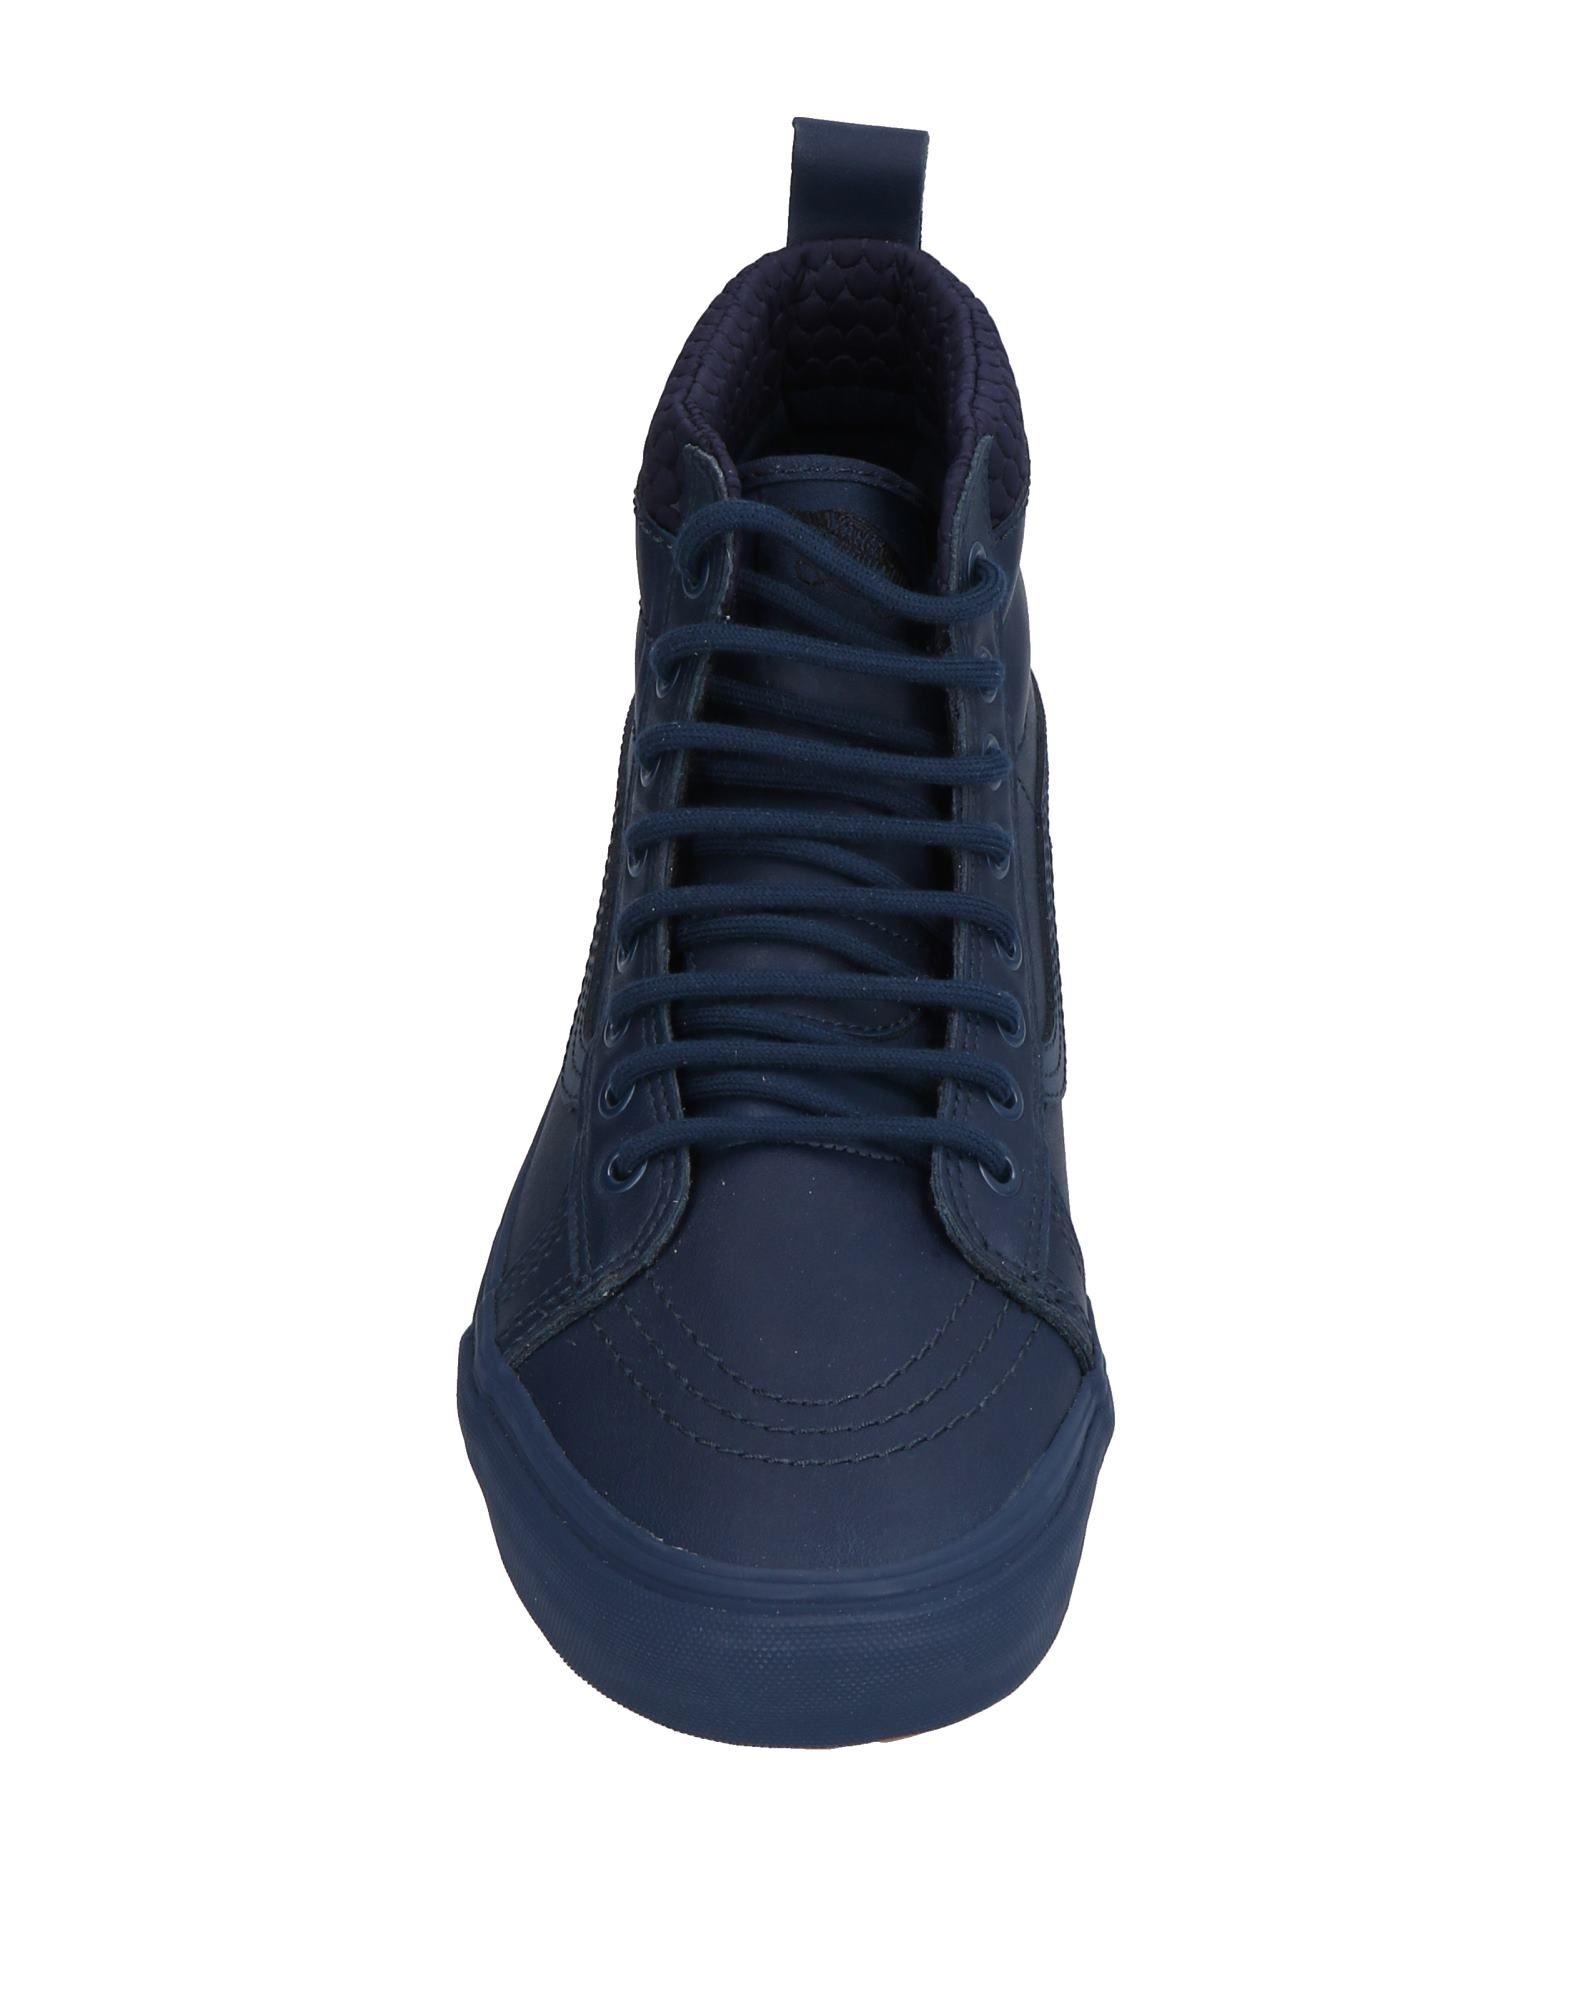 Vans Sneakers Schuhe Herren  11493389GO Heiße Schuhe Sneakers 09ff87